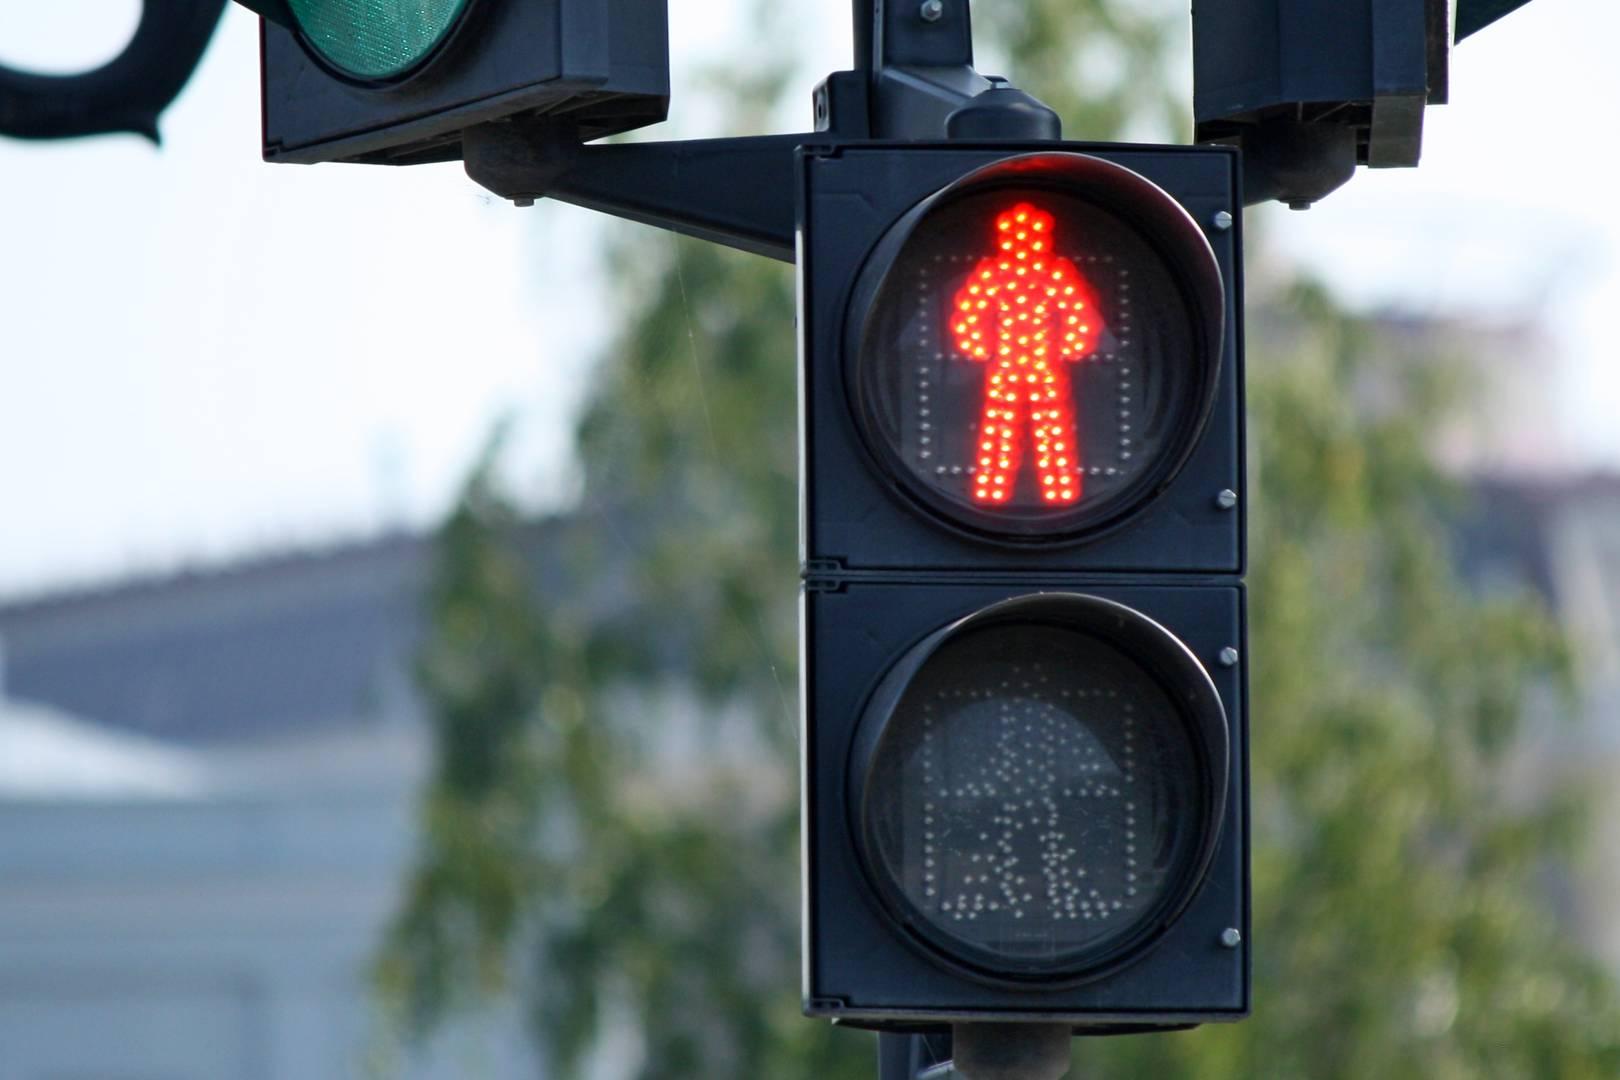 Красный сигнал пешеходного светофора